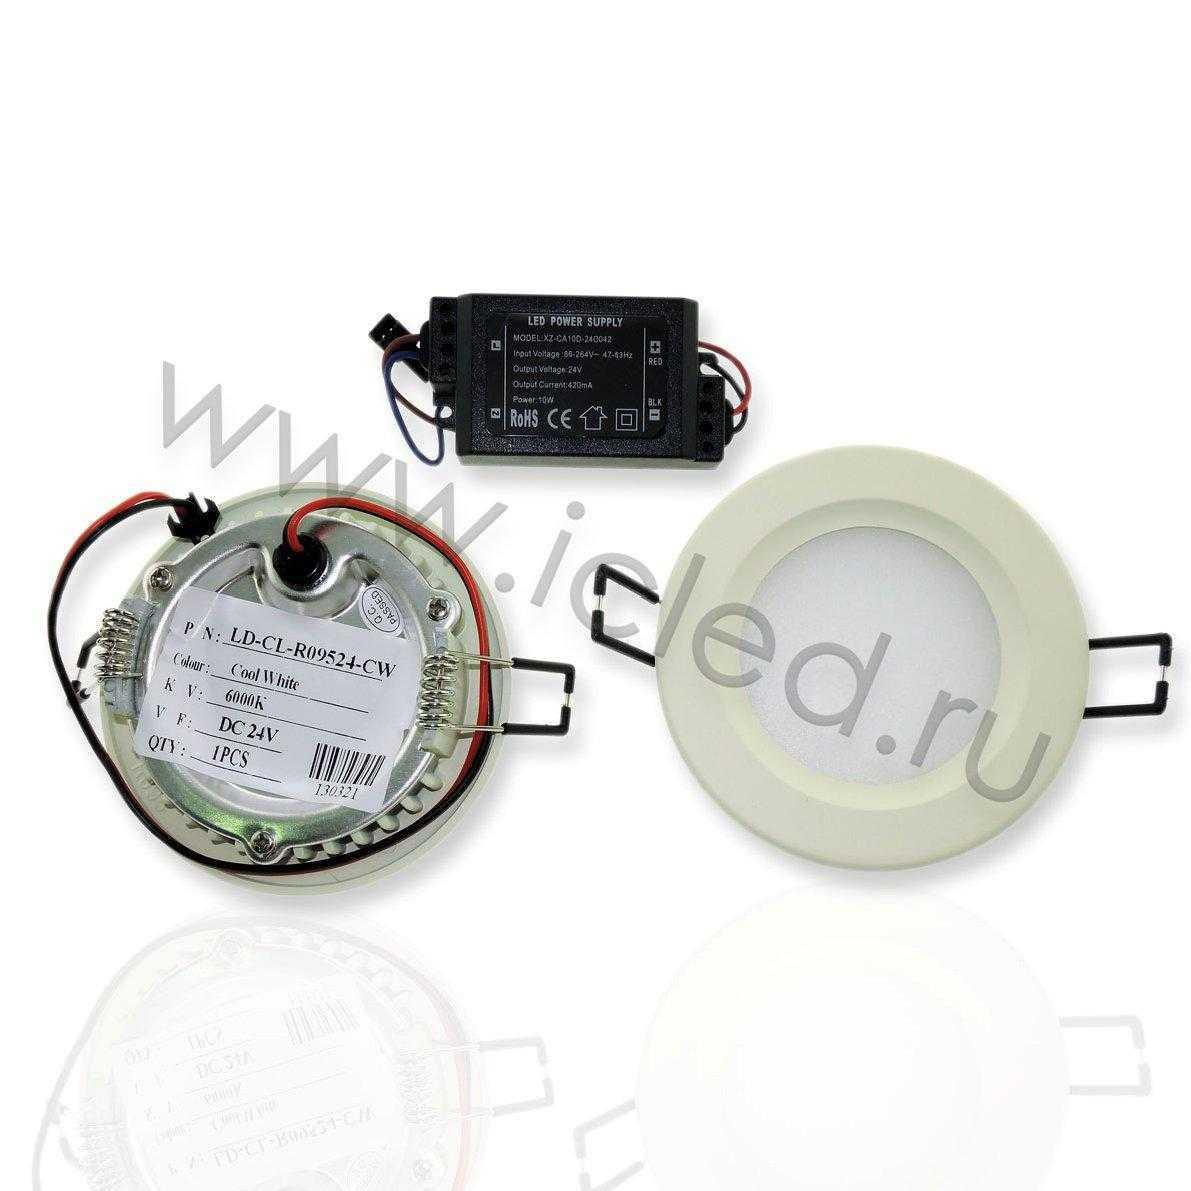 Светодиодный светильник потолочный IC-RW D95 (4,5W, Warm White)